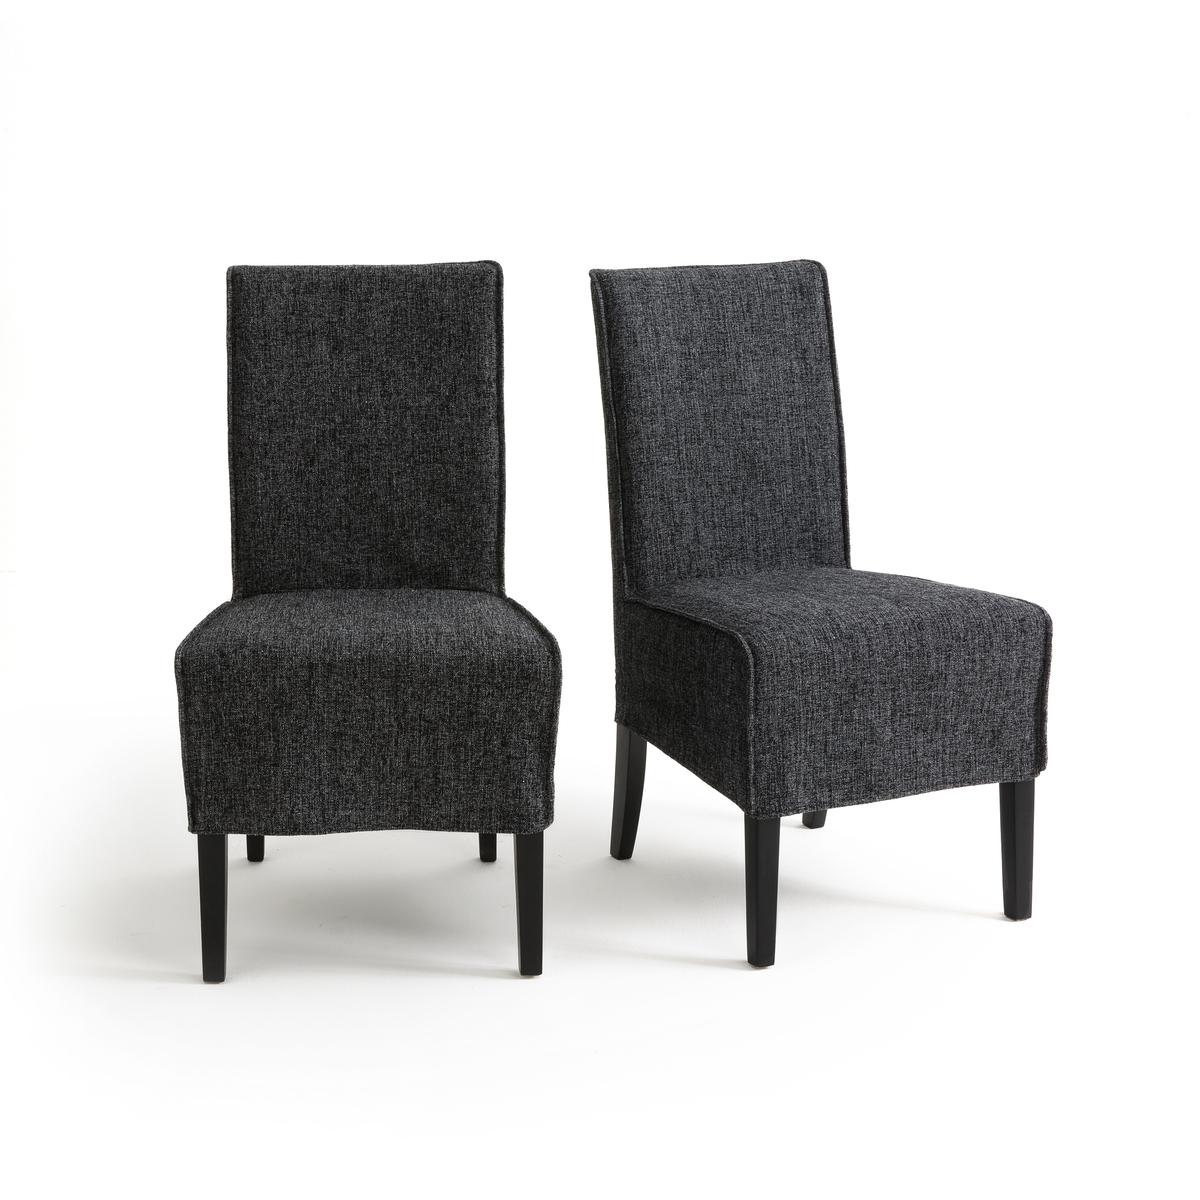 Стул со съемным чехлом HIBA (2 шт.)2 обеденных стула со съемными чехлами Hiba, стильные и элегантные .Характеристики 2 стульев со съемными чехлами Hiba :Каркас из массива сосны и фанеры.Ножки из массива сосны с покрытием черной полуматовой краской и нитроцеллюлозным лаком. Наполнитель из полиуретановой пены (плотность сидения 28 кг/м?, спинки 24 кг/м?).Подвеска из перекрещенных ремней.Тканевая меланжевая обивка цвета серый антрацит, 100% полиэстер. Для оптимального качества и устойчивости рекомендуется затянуть болты. Размеры 2 стульев со съемными чехлами Hiba :Общие :Ширина 52  смВысота 95 смГлубина 62 смСиденье :Высота 46 смДоставка :Стулья Hiba доставляются в разобранном виде. Возможна доставка до квартиры по предварительному согласованию !Внимание ! Убедитесь, что дверные, лестничные и лифтовые проемы позволяют осуществить доставку коробки таких габаритов.Размеры и вес упаковки:1 коробкаШ.100 x Г.30 x В.47 см Вес : 9,6 кг<br><br>Цвет: антрацит<br>Размер: единый размер